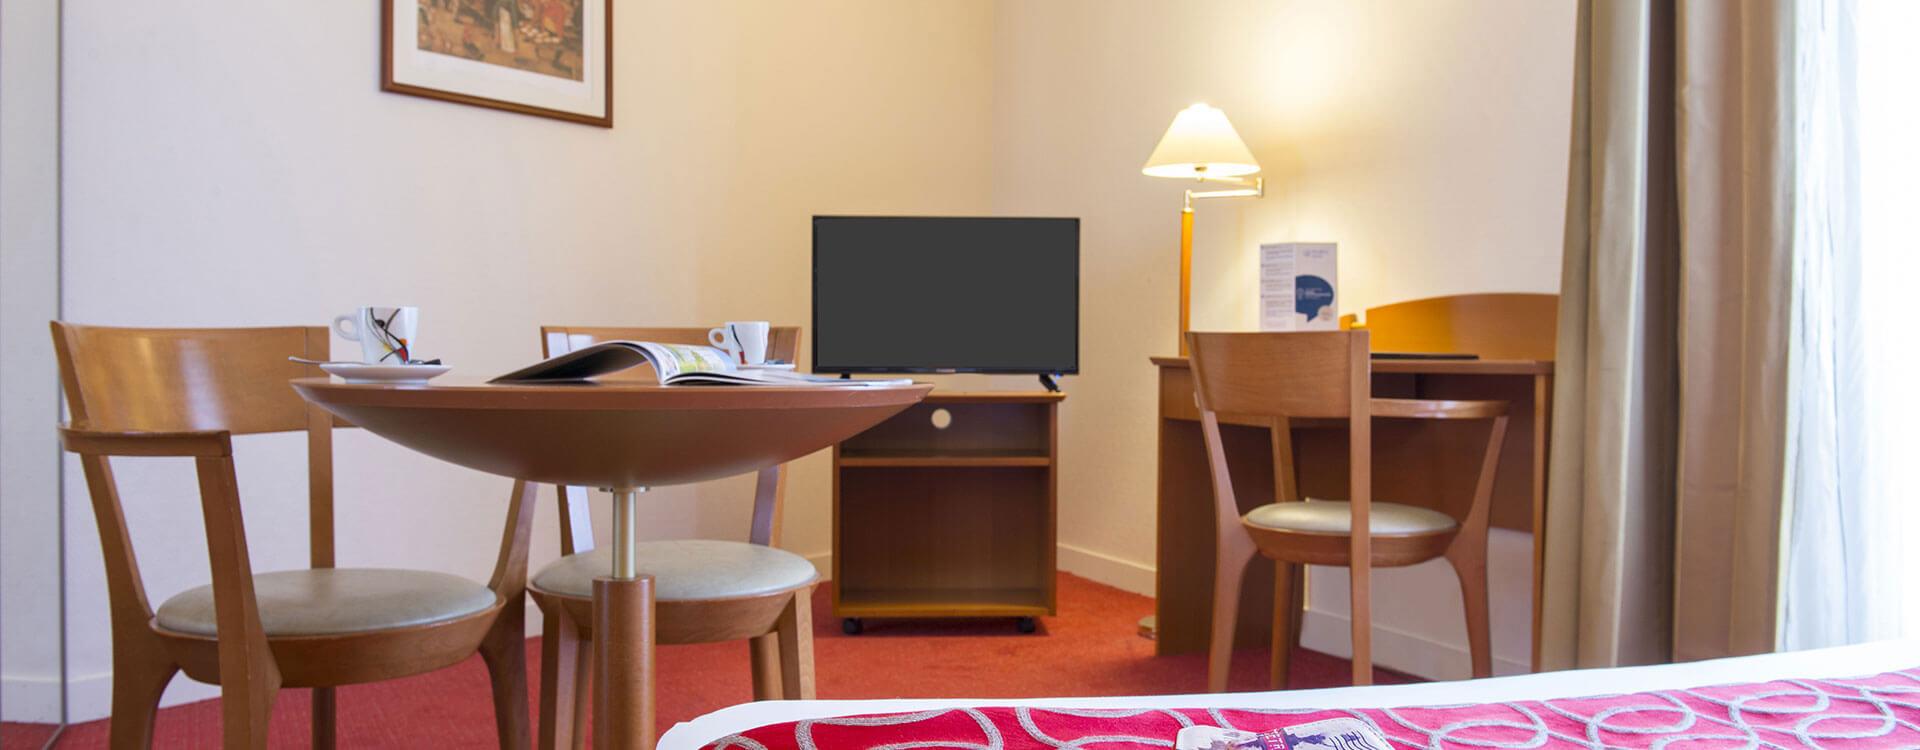 Chambre familiale - Hôtel*** Paris La Villa Modigliani